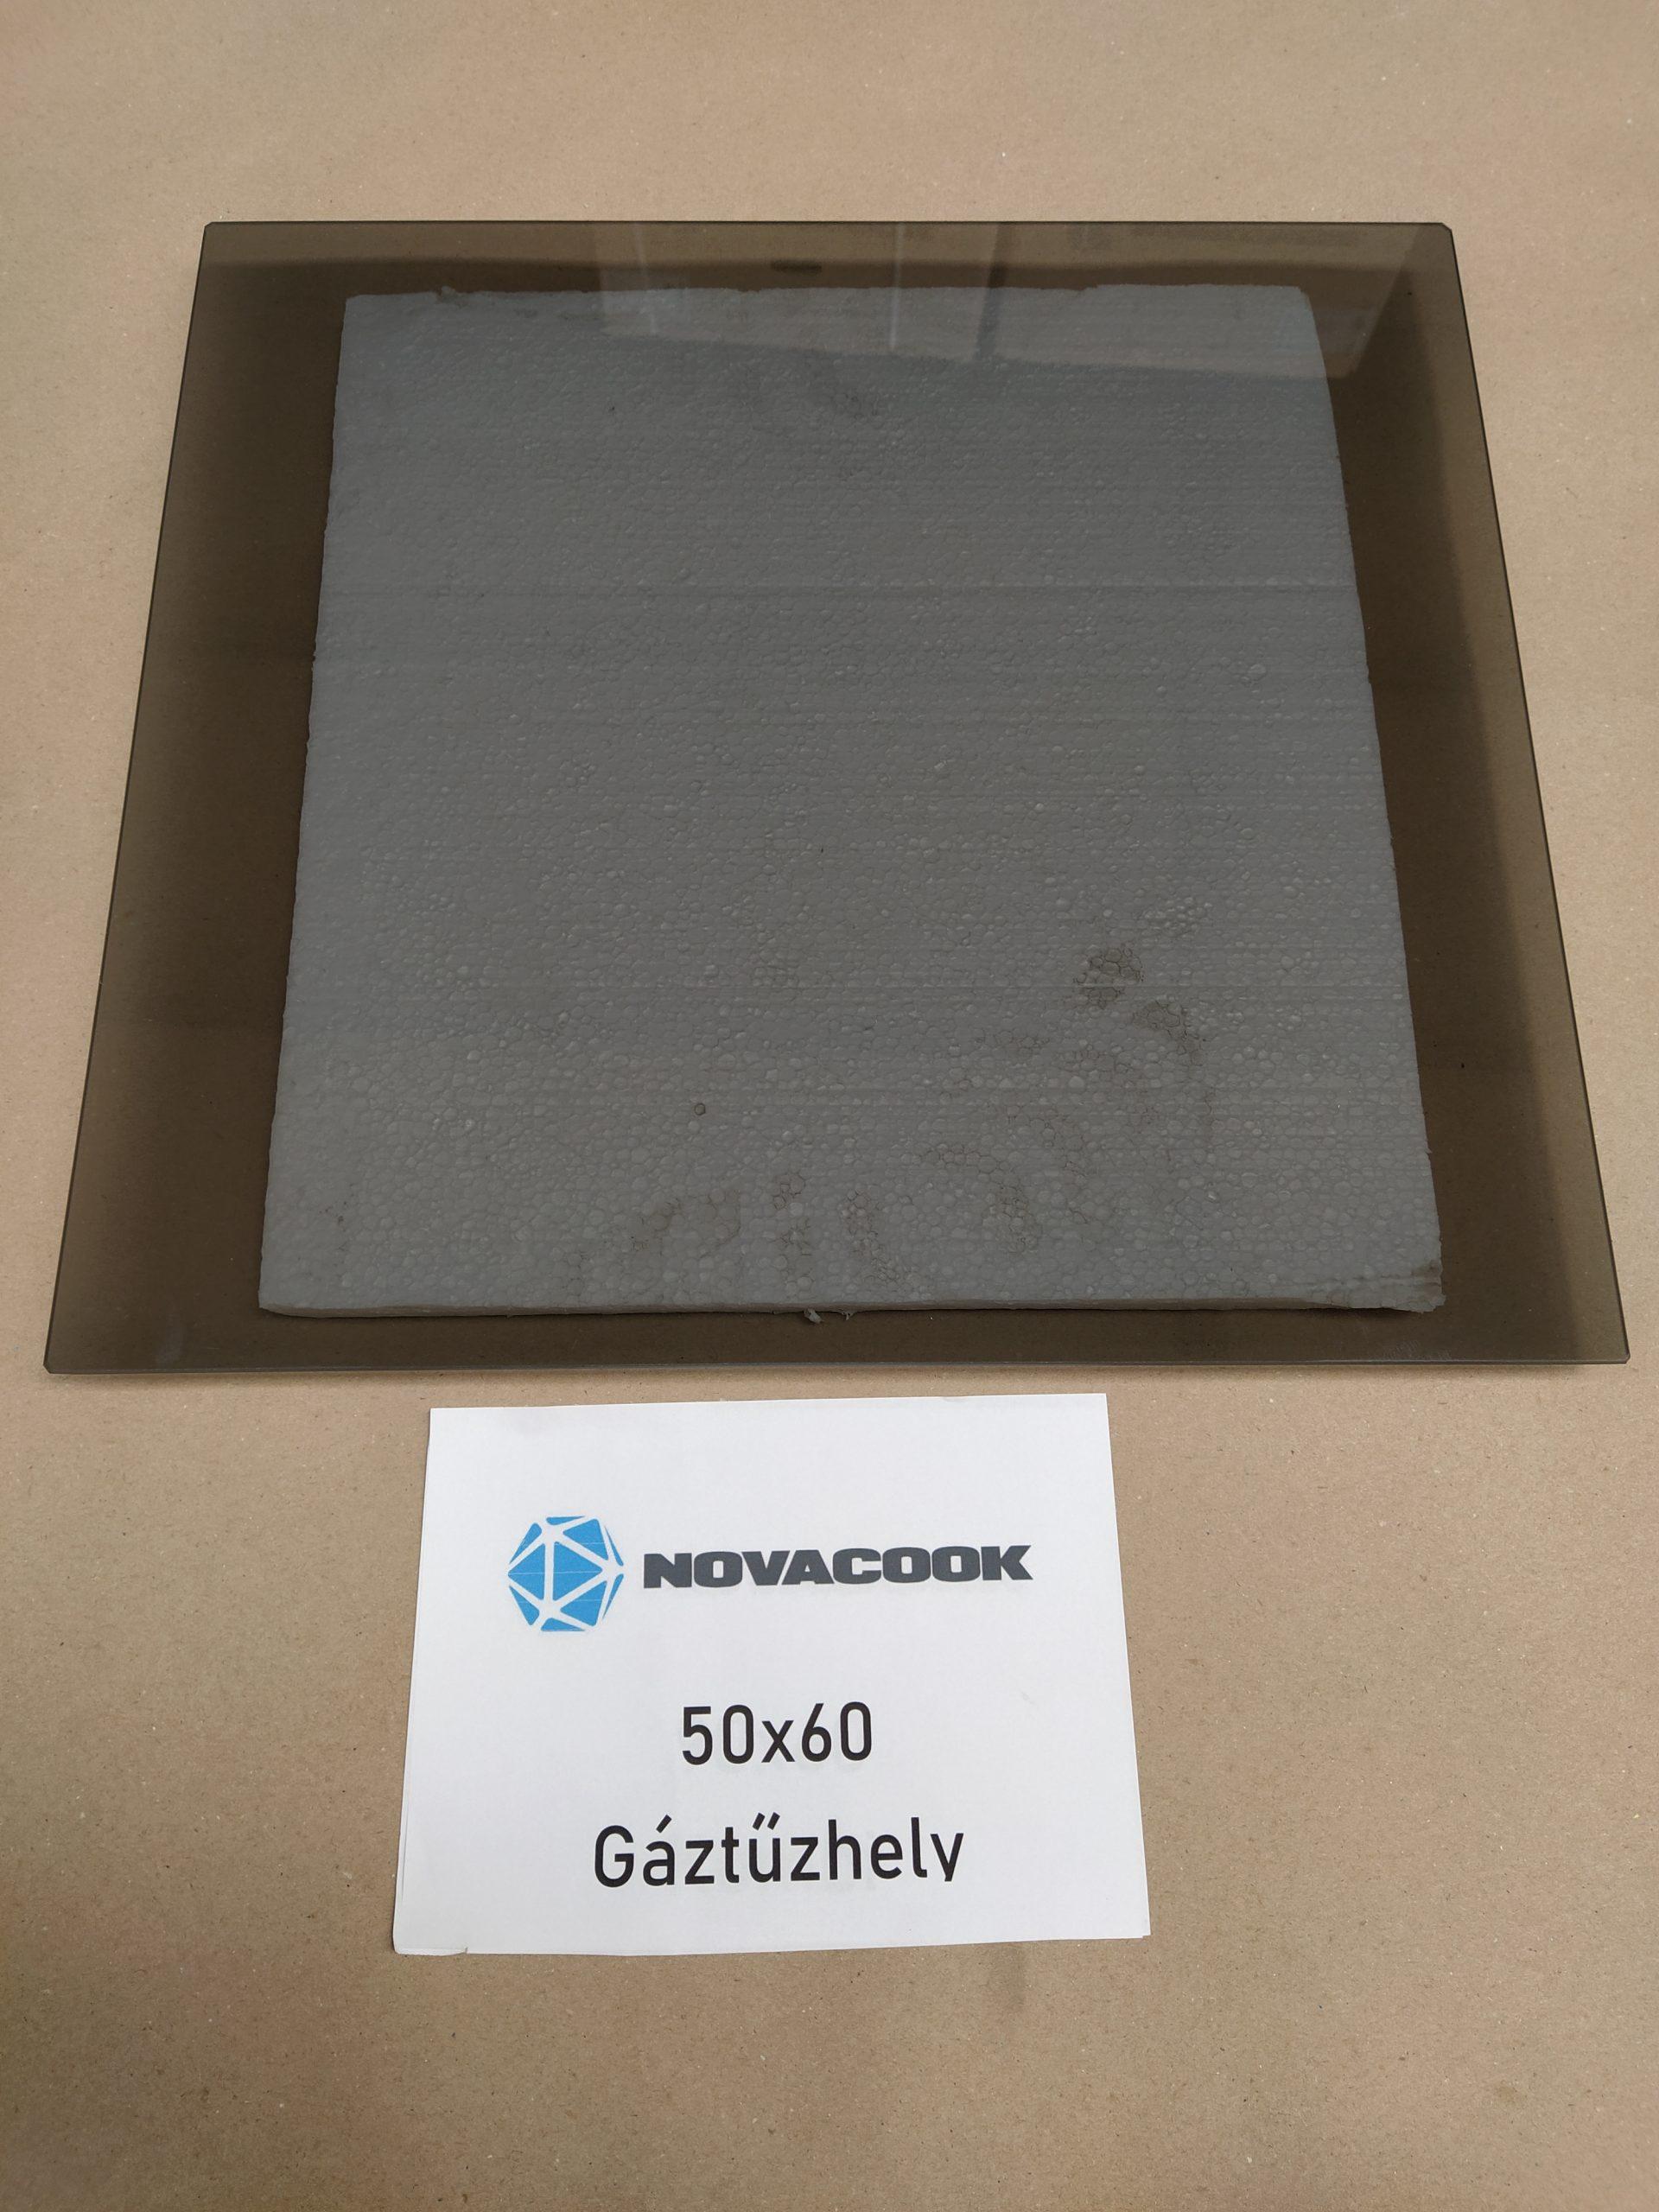 Üvegtető (50×60-as gáz sütőhöz)